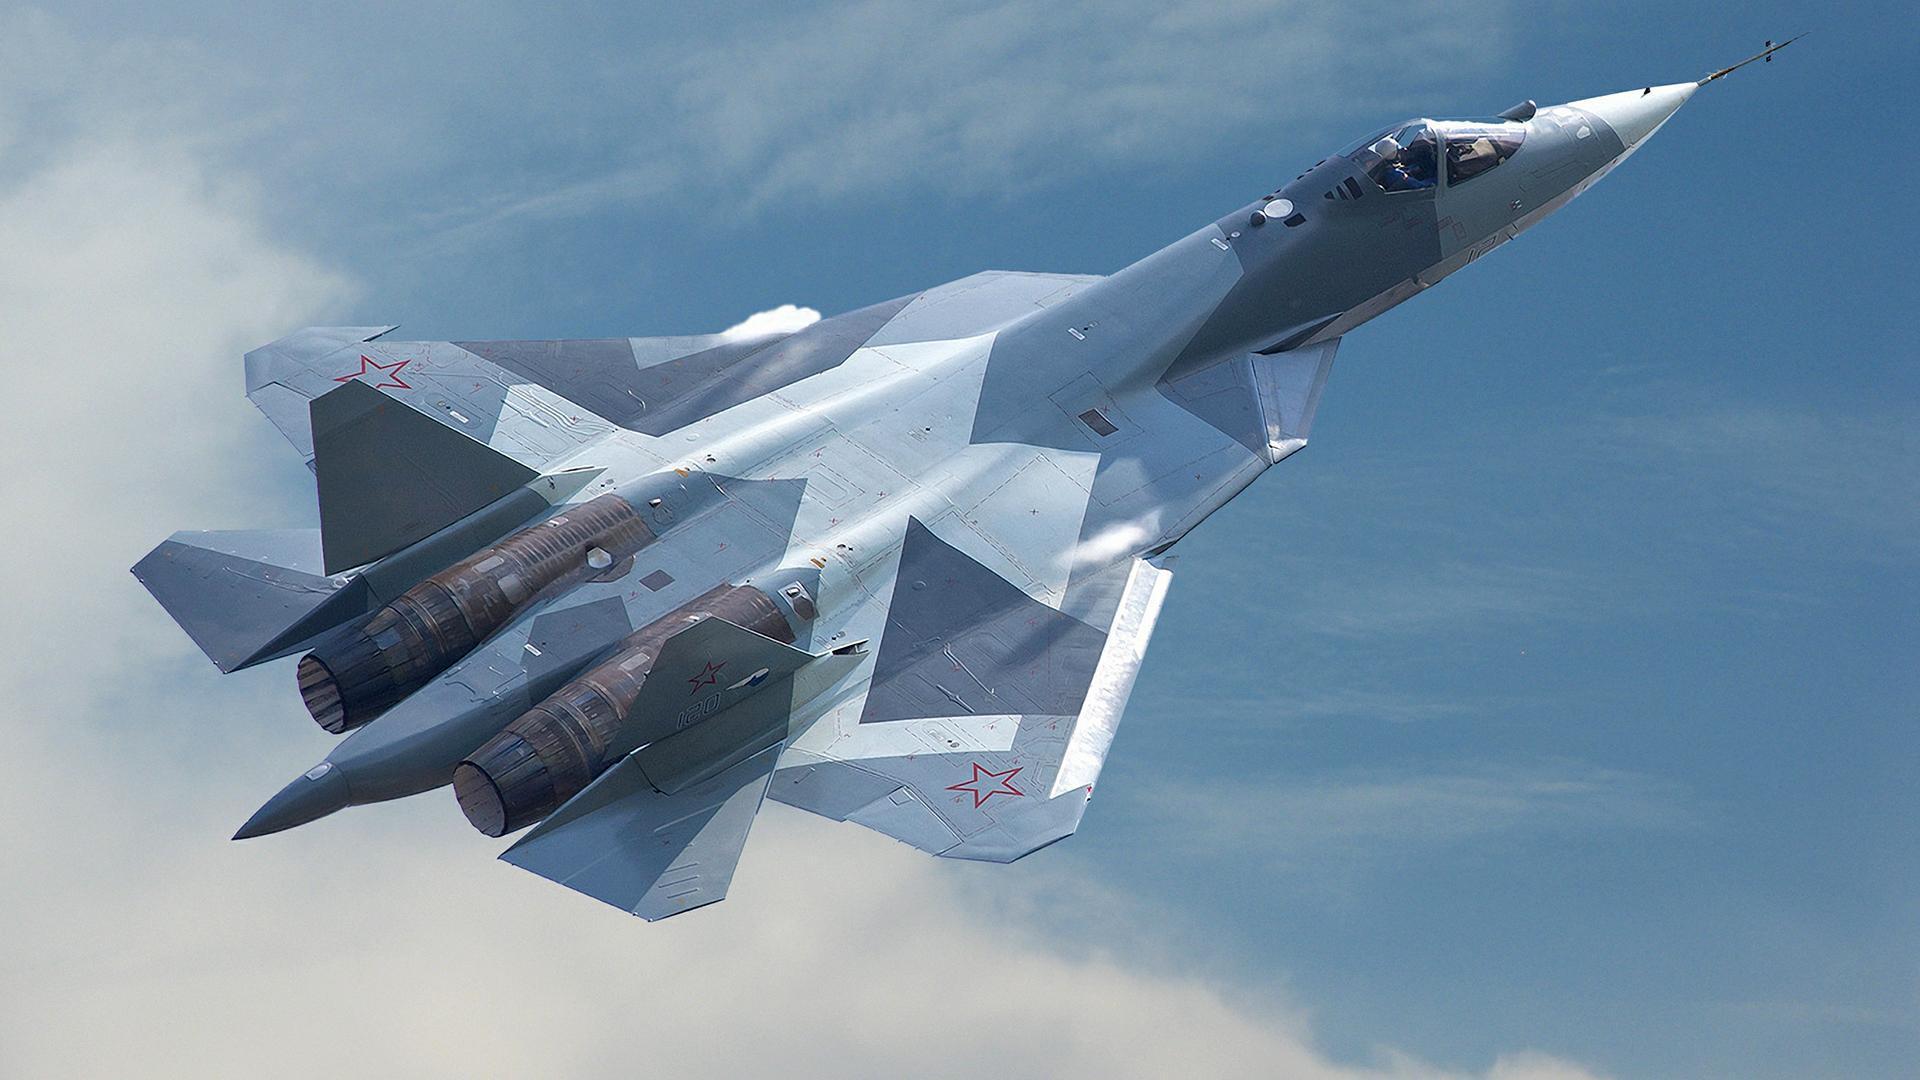 Звук двигателей истребителя Су-57 назвали похожим на сирену